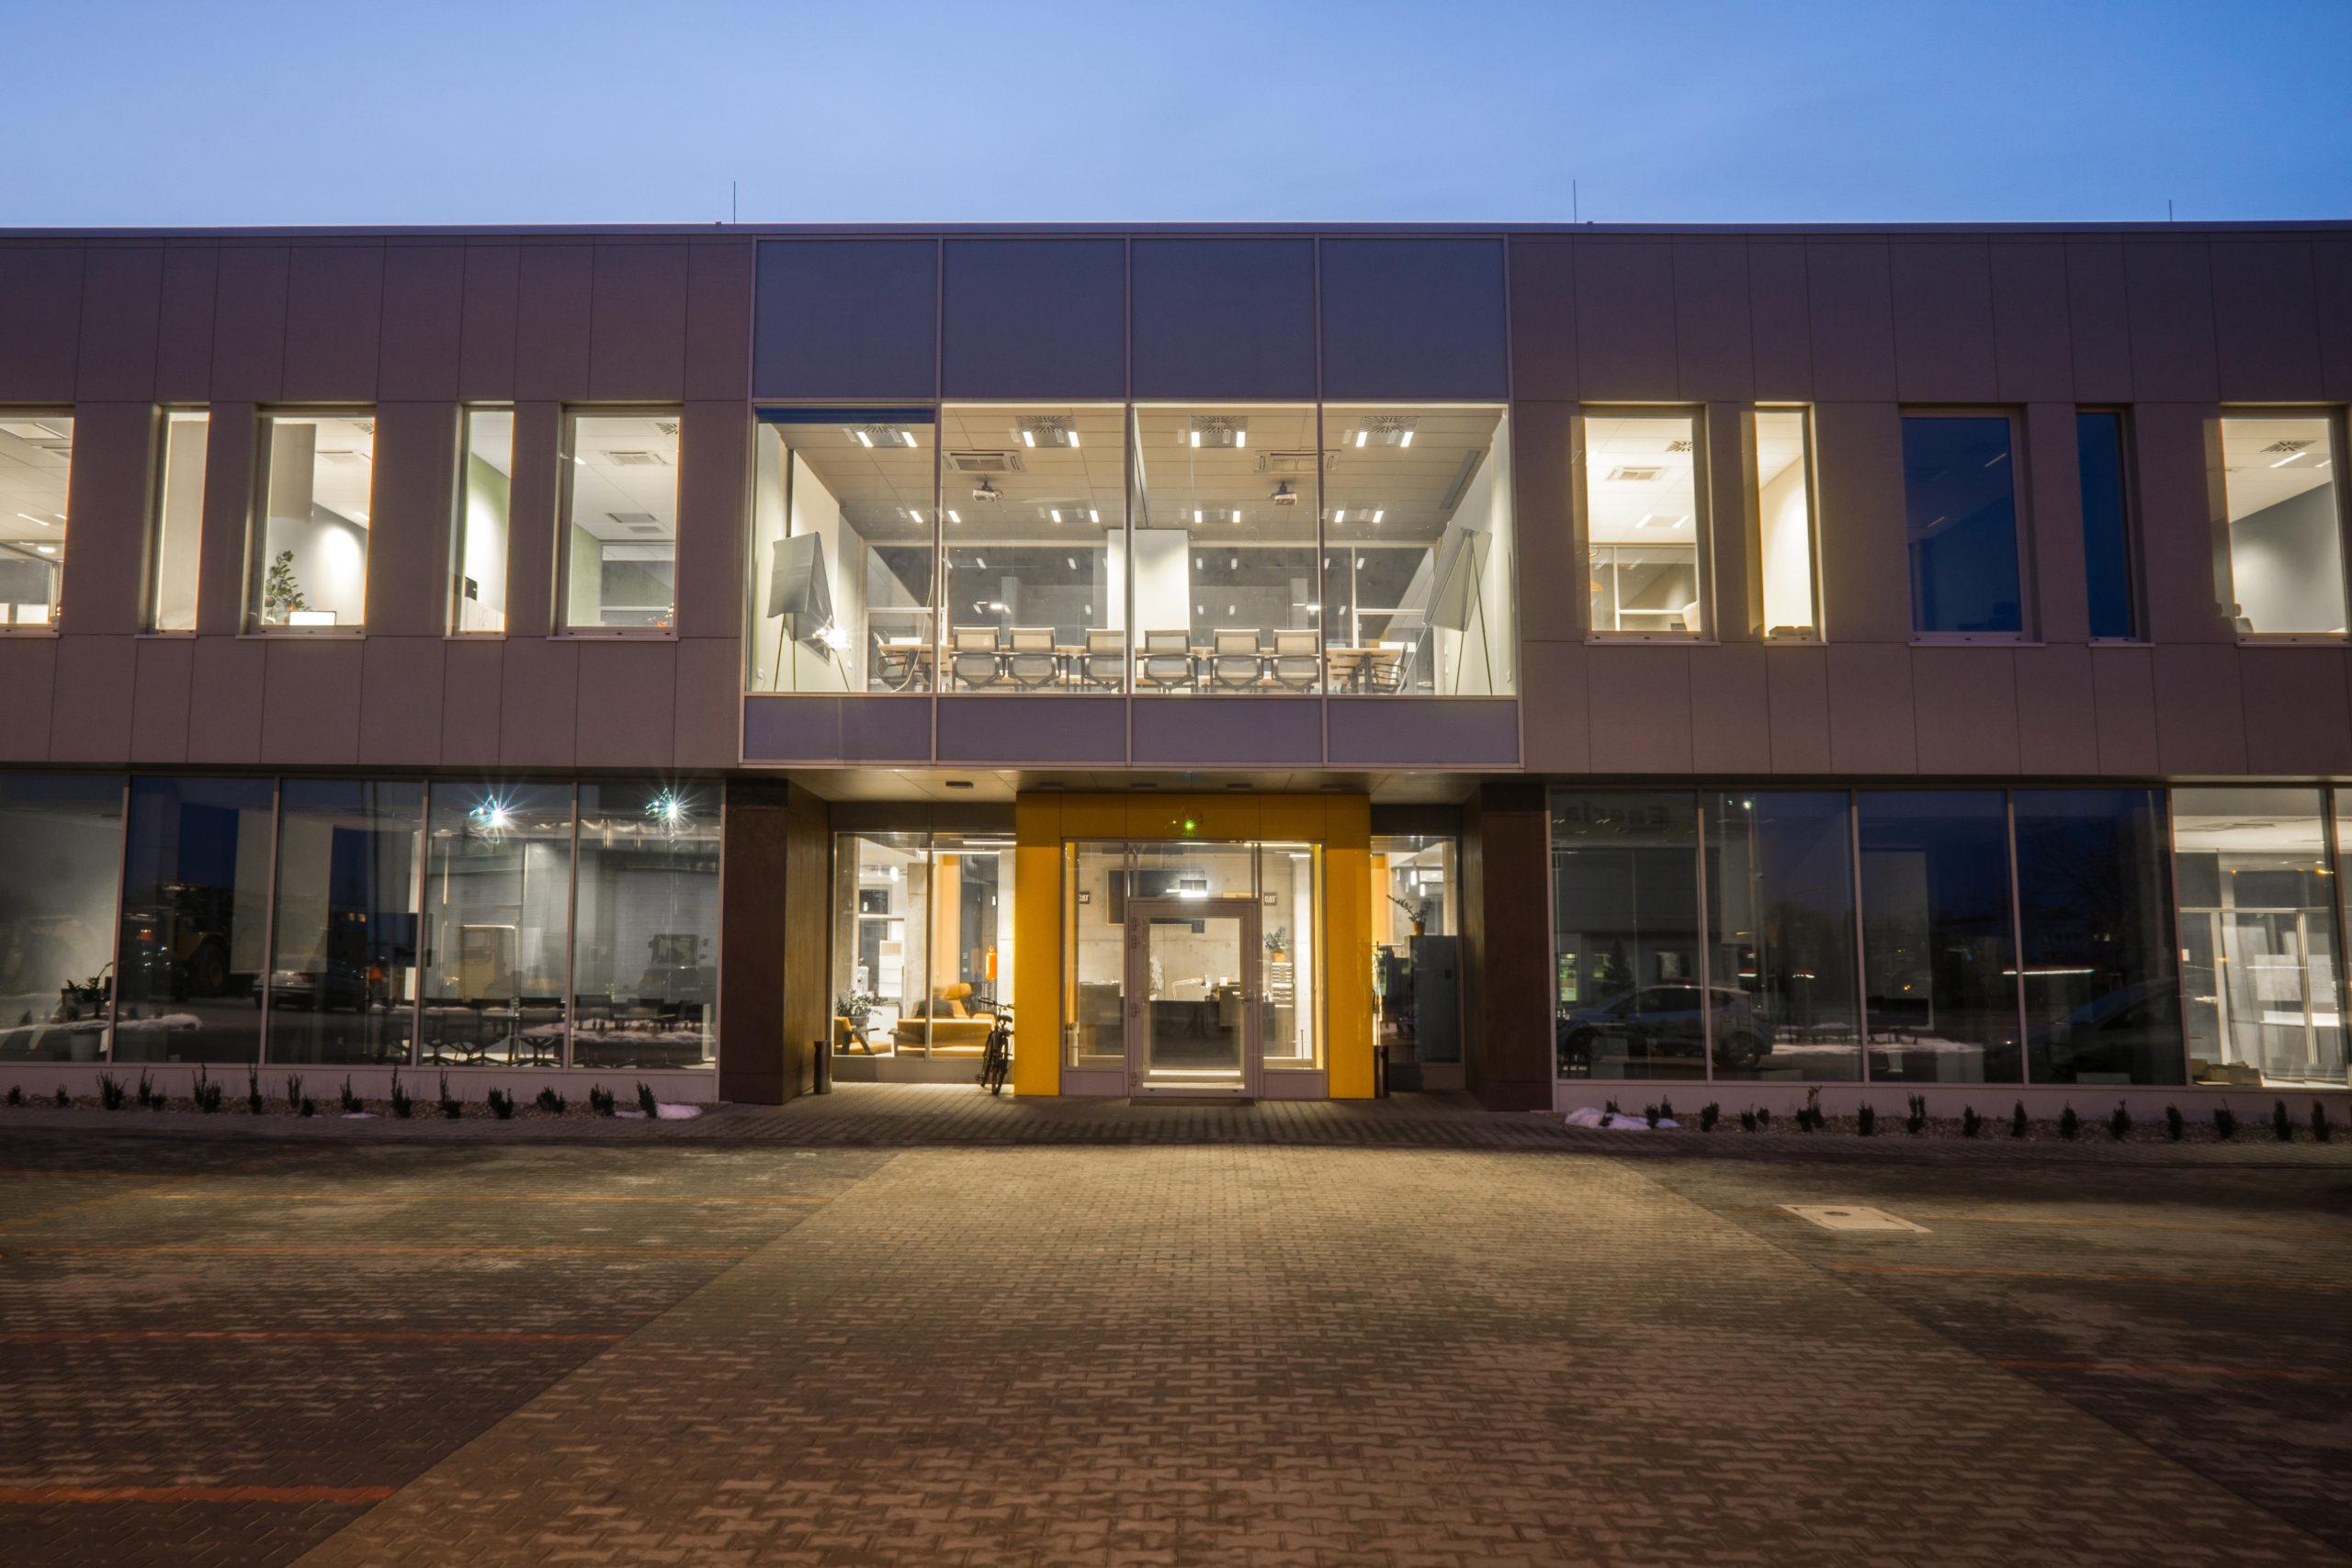 bergerat monnoyeur, budynek biurowo-serwisowy, biurowiec, caterpillar, elewacja, wejscie, atelierps